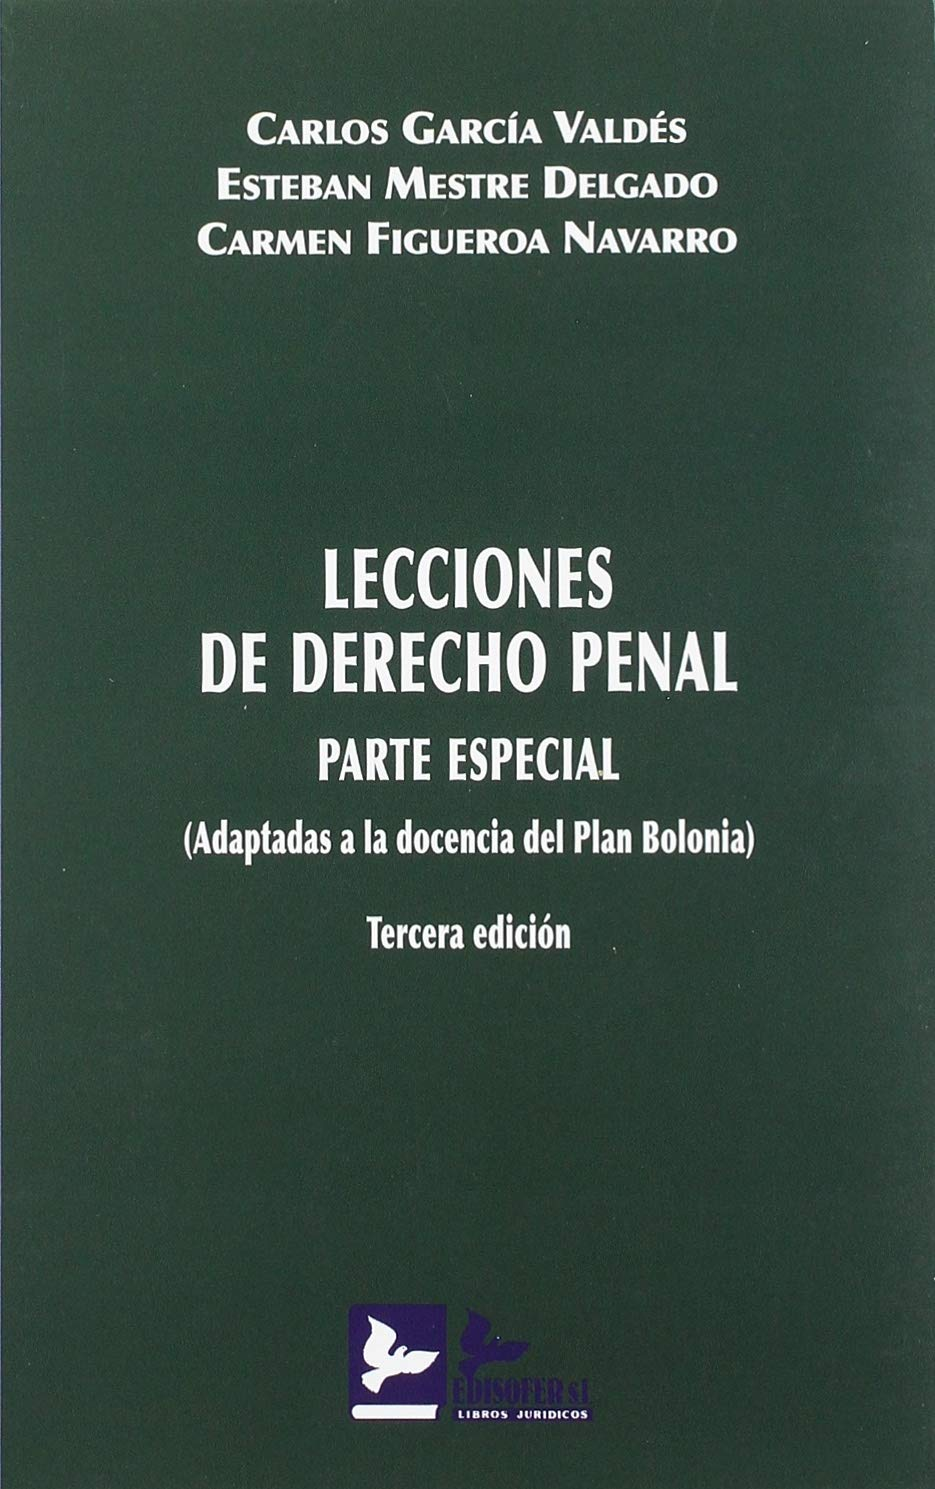 LECCIONES DE DERECHO PENAL, PARTE ESPECIAL: ADAPTADAS A LA DOCENCIA DEL PLAN BOLONIA: Amazon.es: GARCIA VALDES, CARLOS, MESTRE DELGADO, ESTEBAN, FIGUEROA NAVARRO, CARMEN: Libros